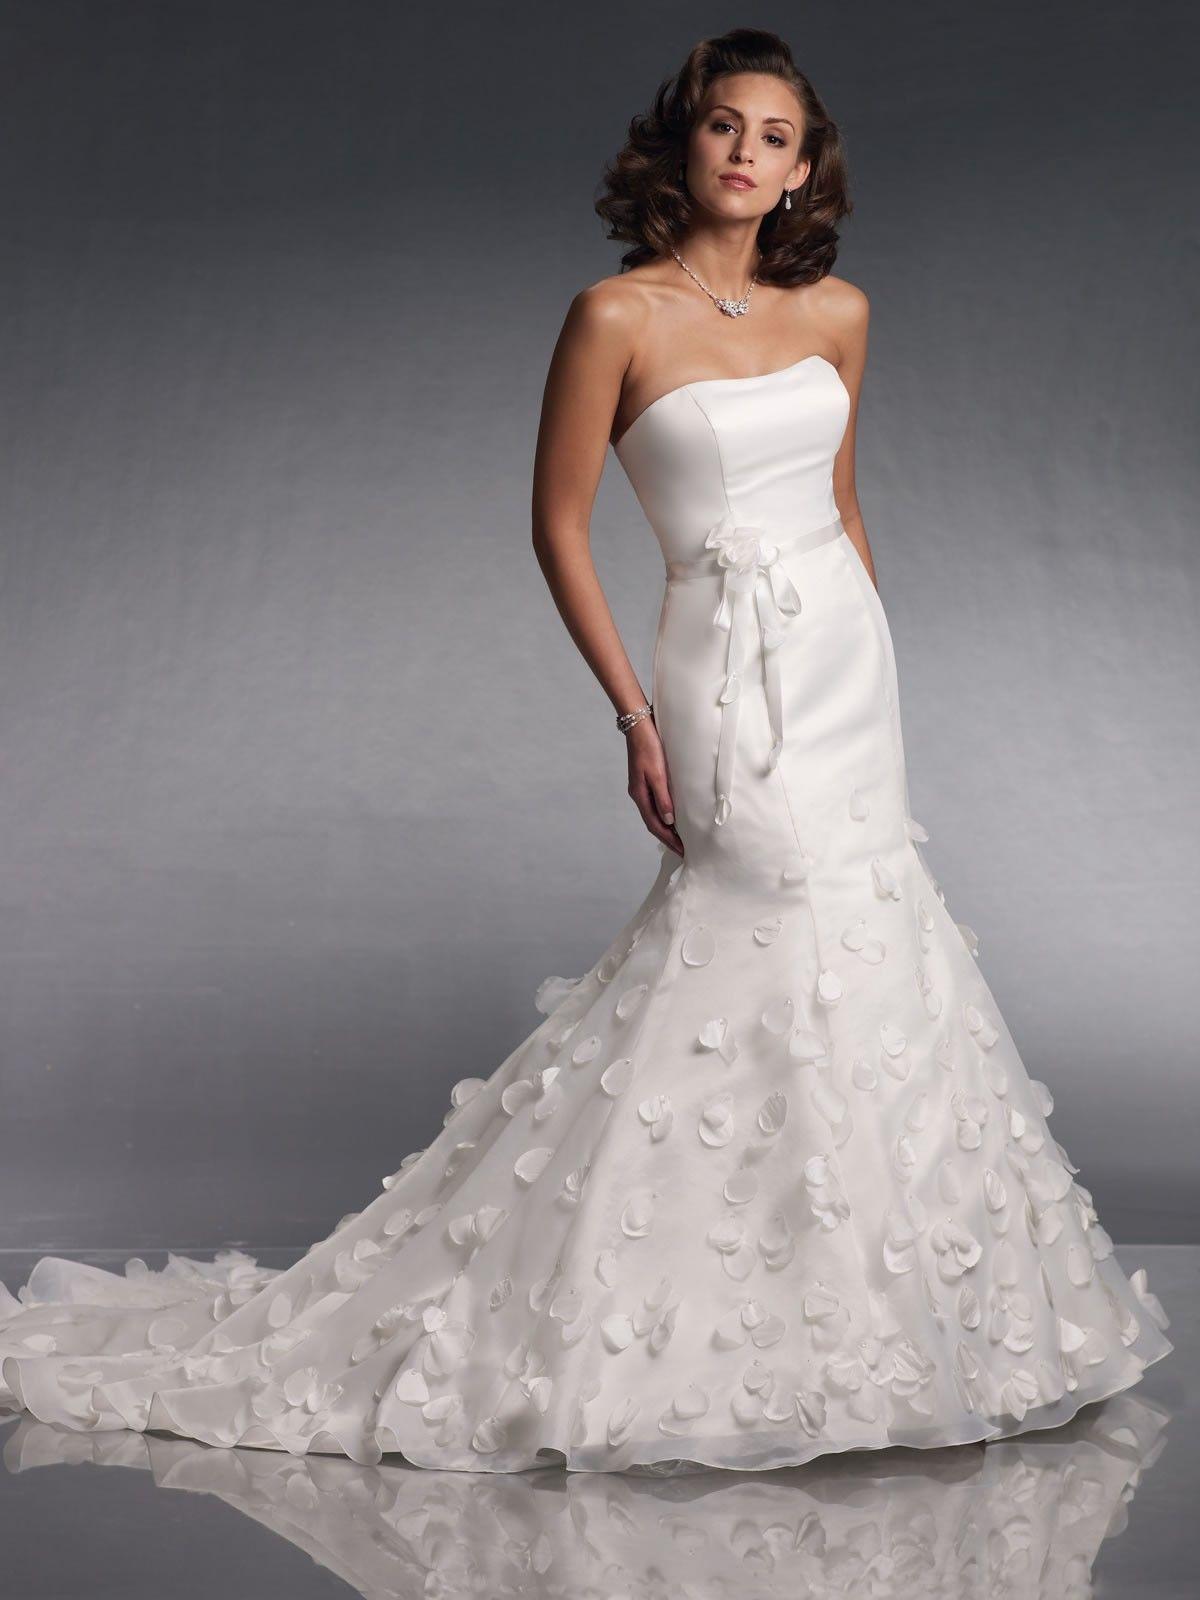 Softly curved neckline mermaid wedding dress mermaid wedding